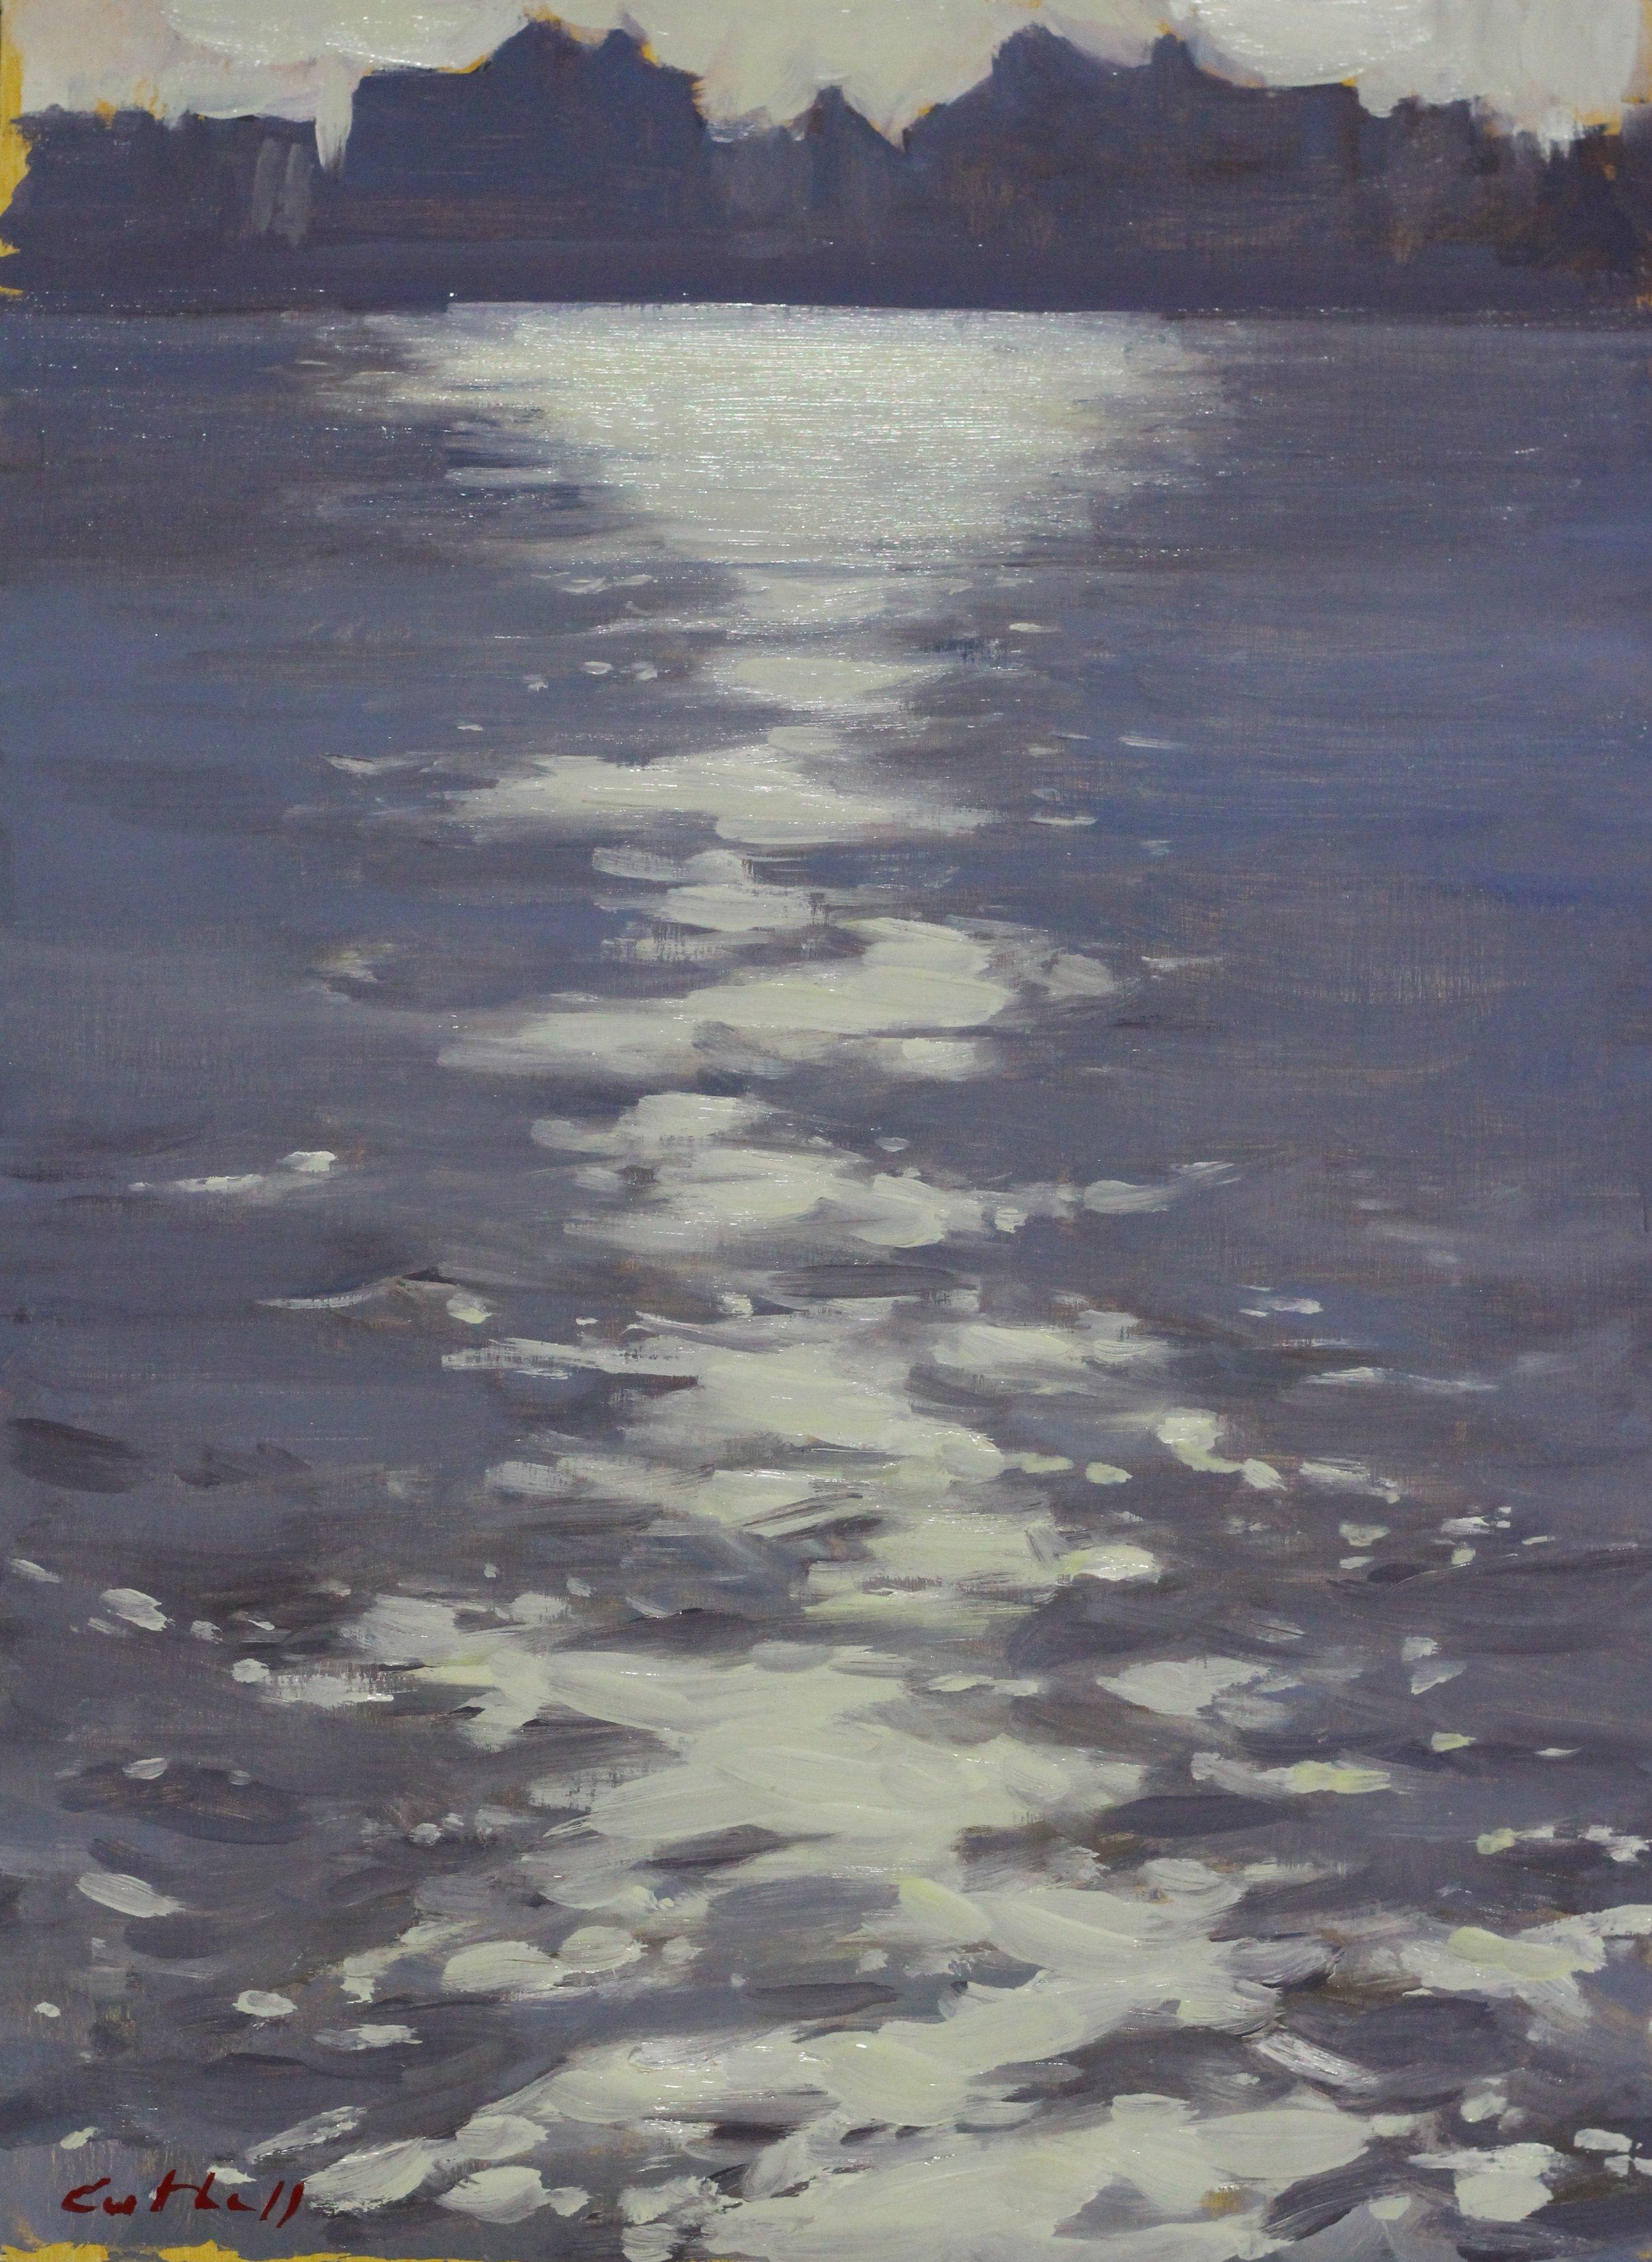 Thames, Oil on Panel, 35 x 25cm, 2016